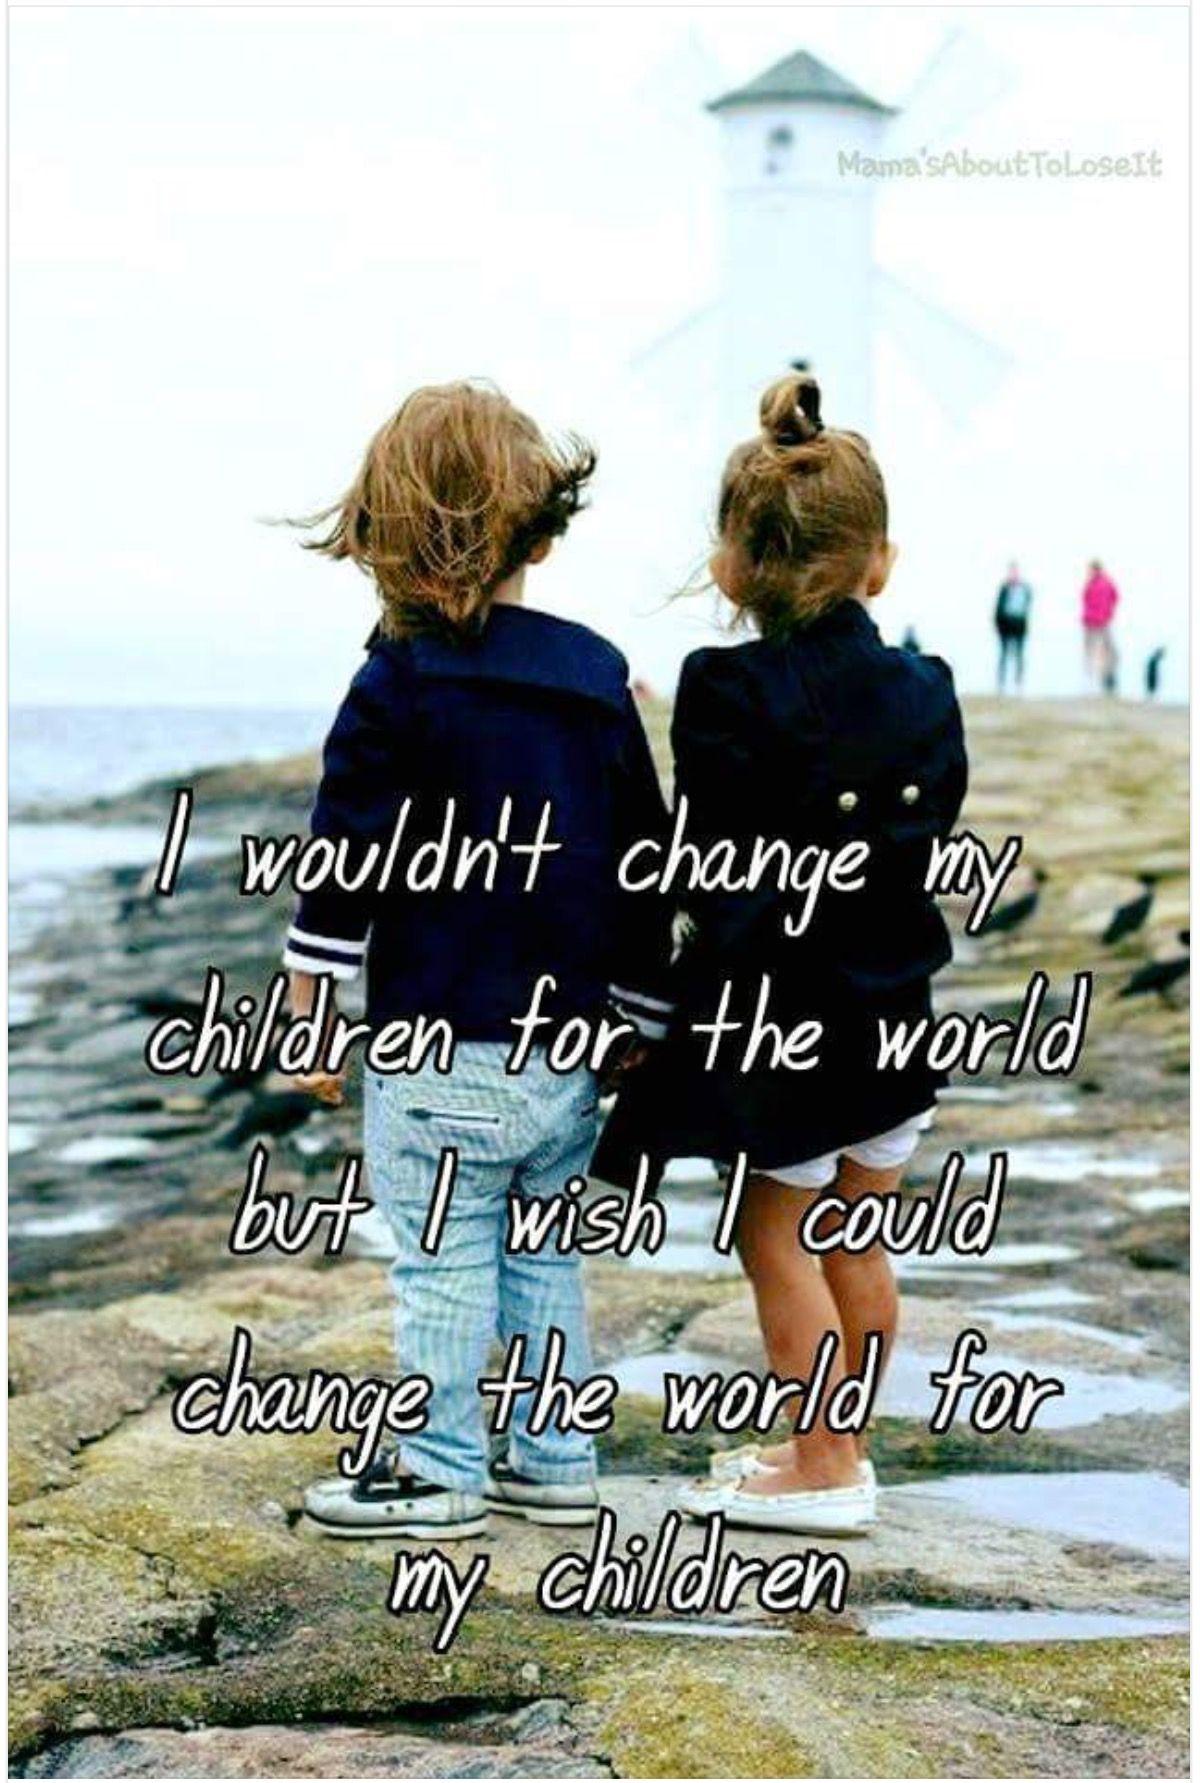 Mis Hijos Palabras De Amor Para Mi Hija Mi Familia Nietos Familias Pensamientos Crianza De Los Hijos Frases Sobre Los Padres